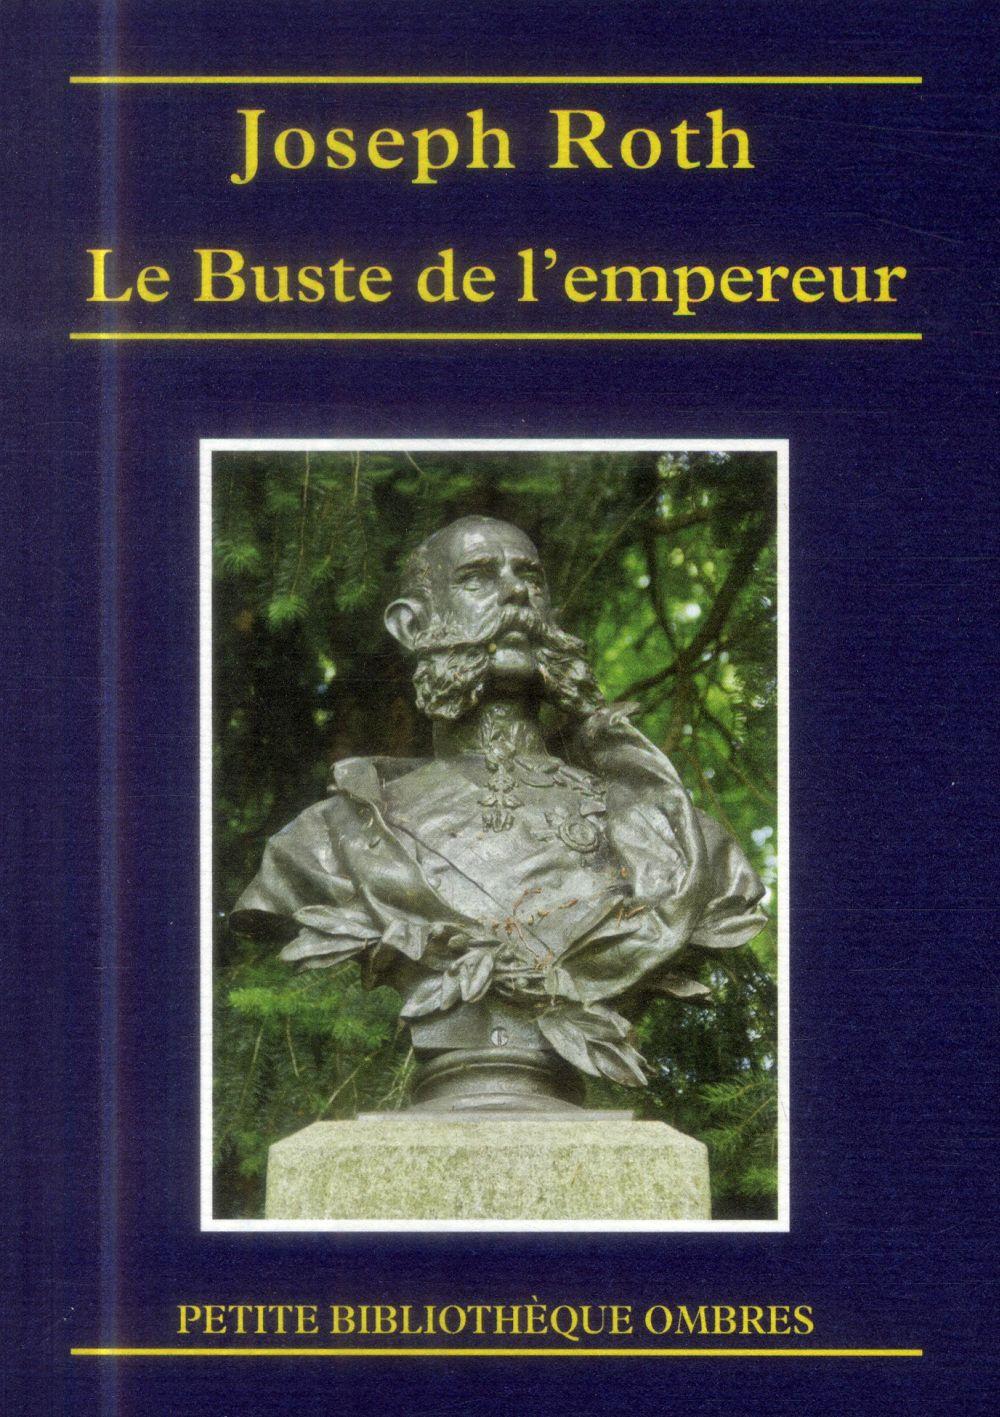 BUSTE DE L'EMPEREUR (LE)